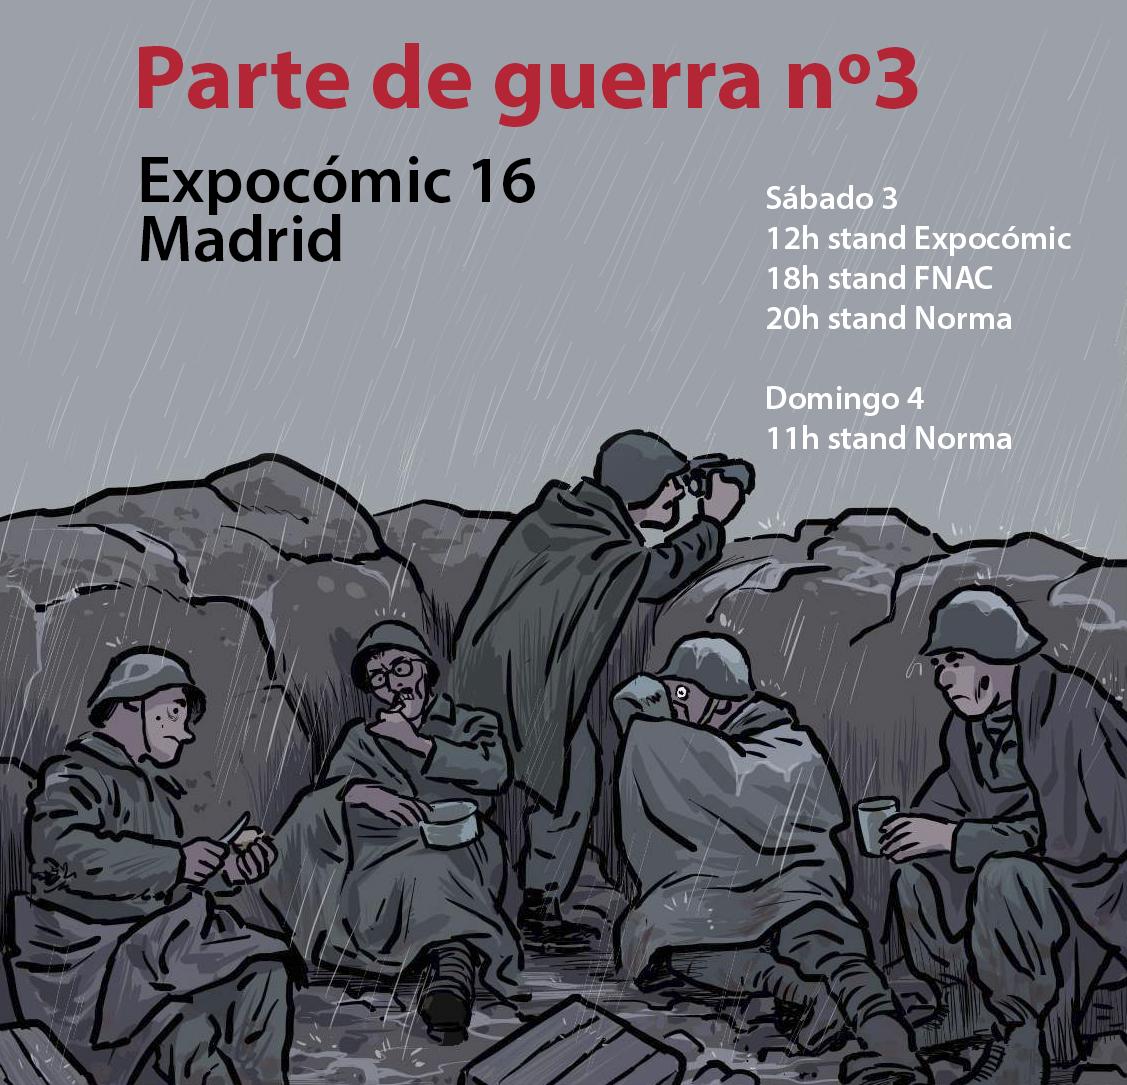 Parte de guerra #3: sesiones de firmas en Expocómic 16, Madrid